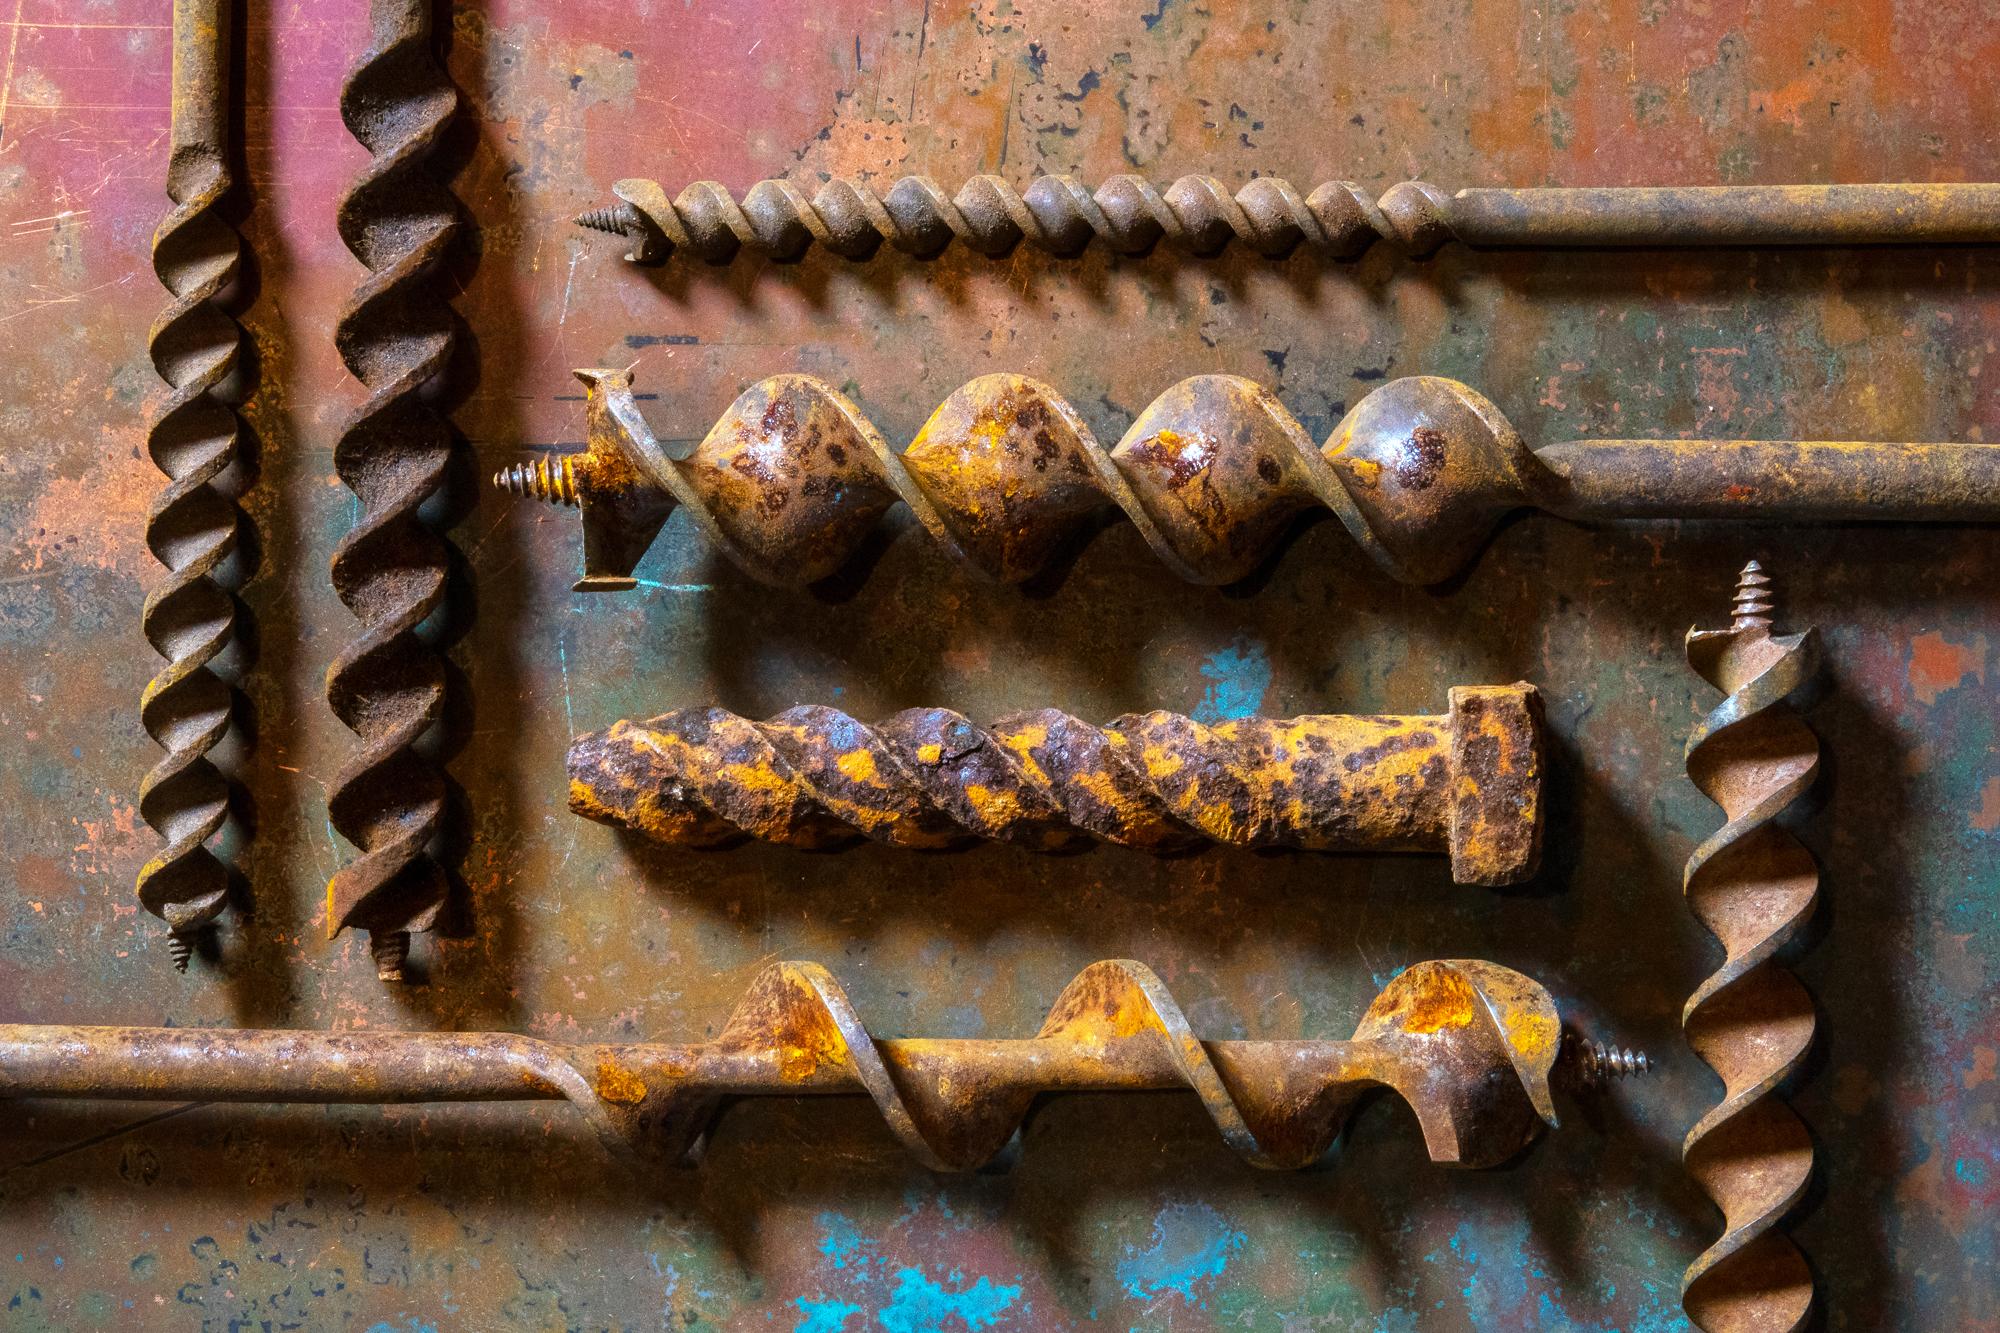 010_Rust_DSC01652-2.jpg